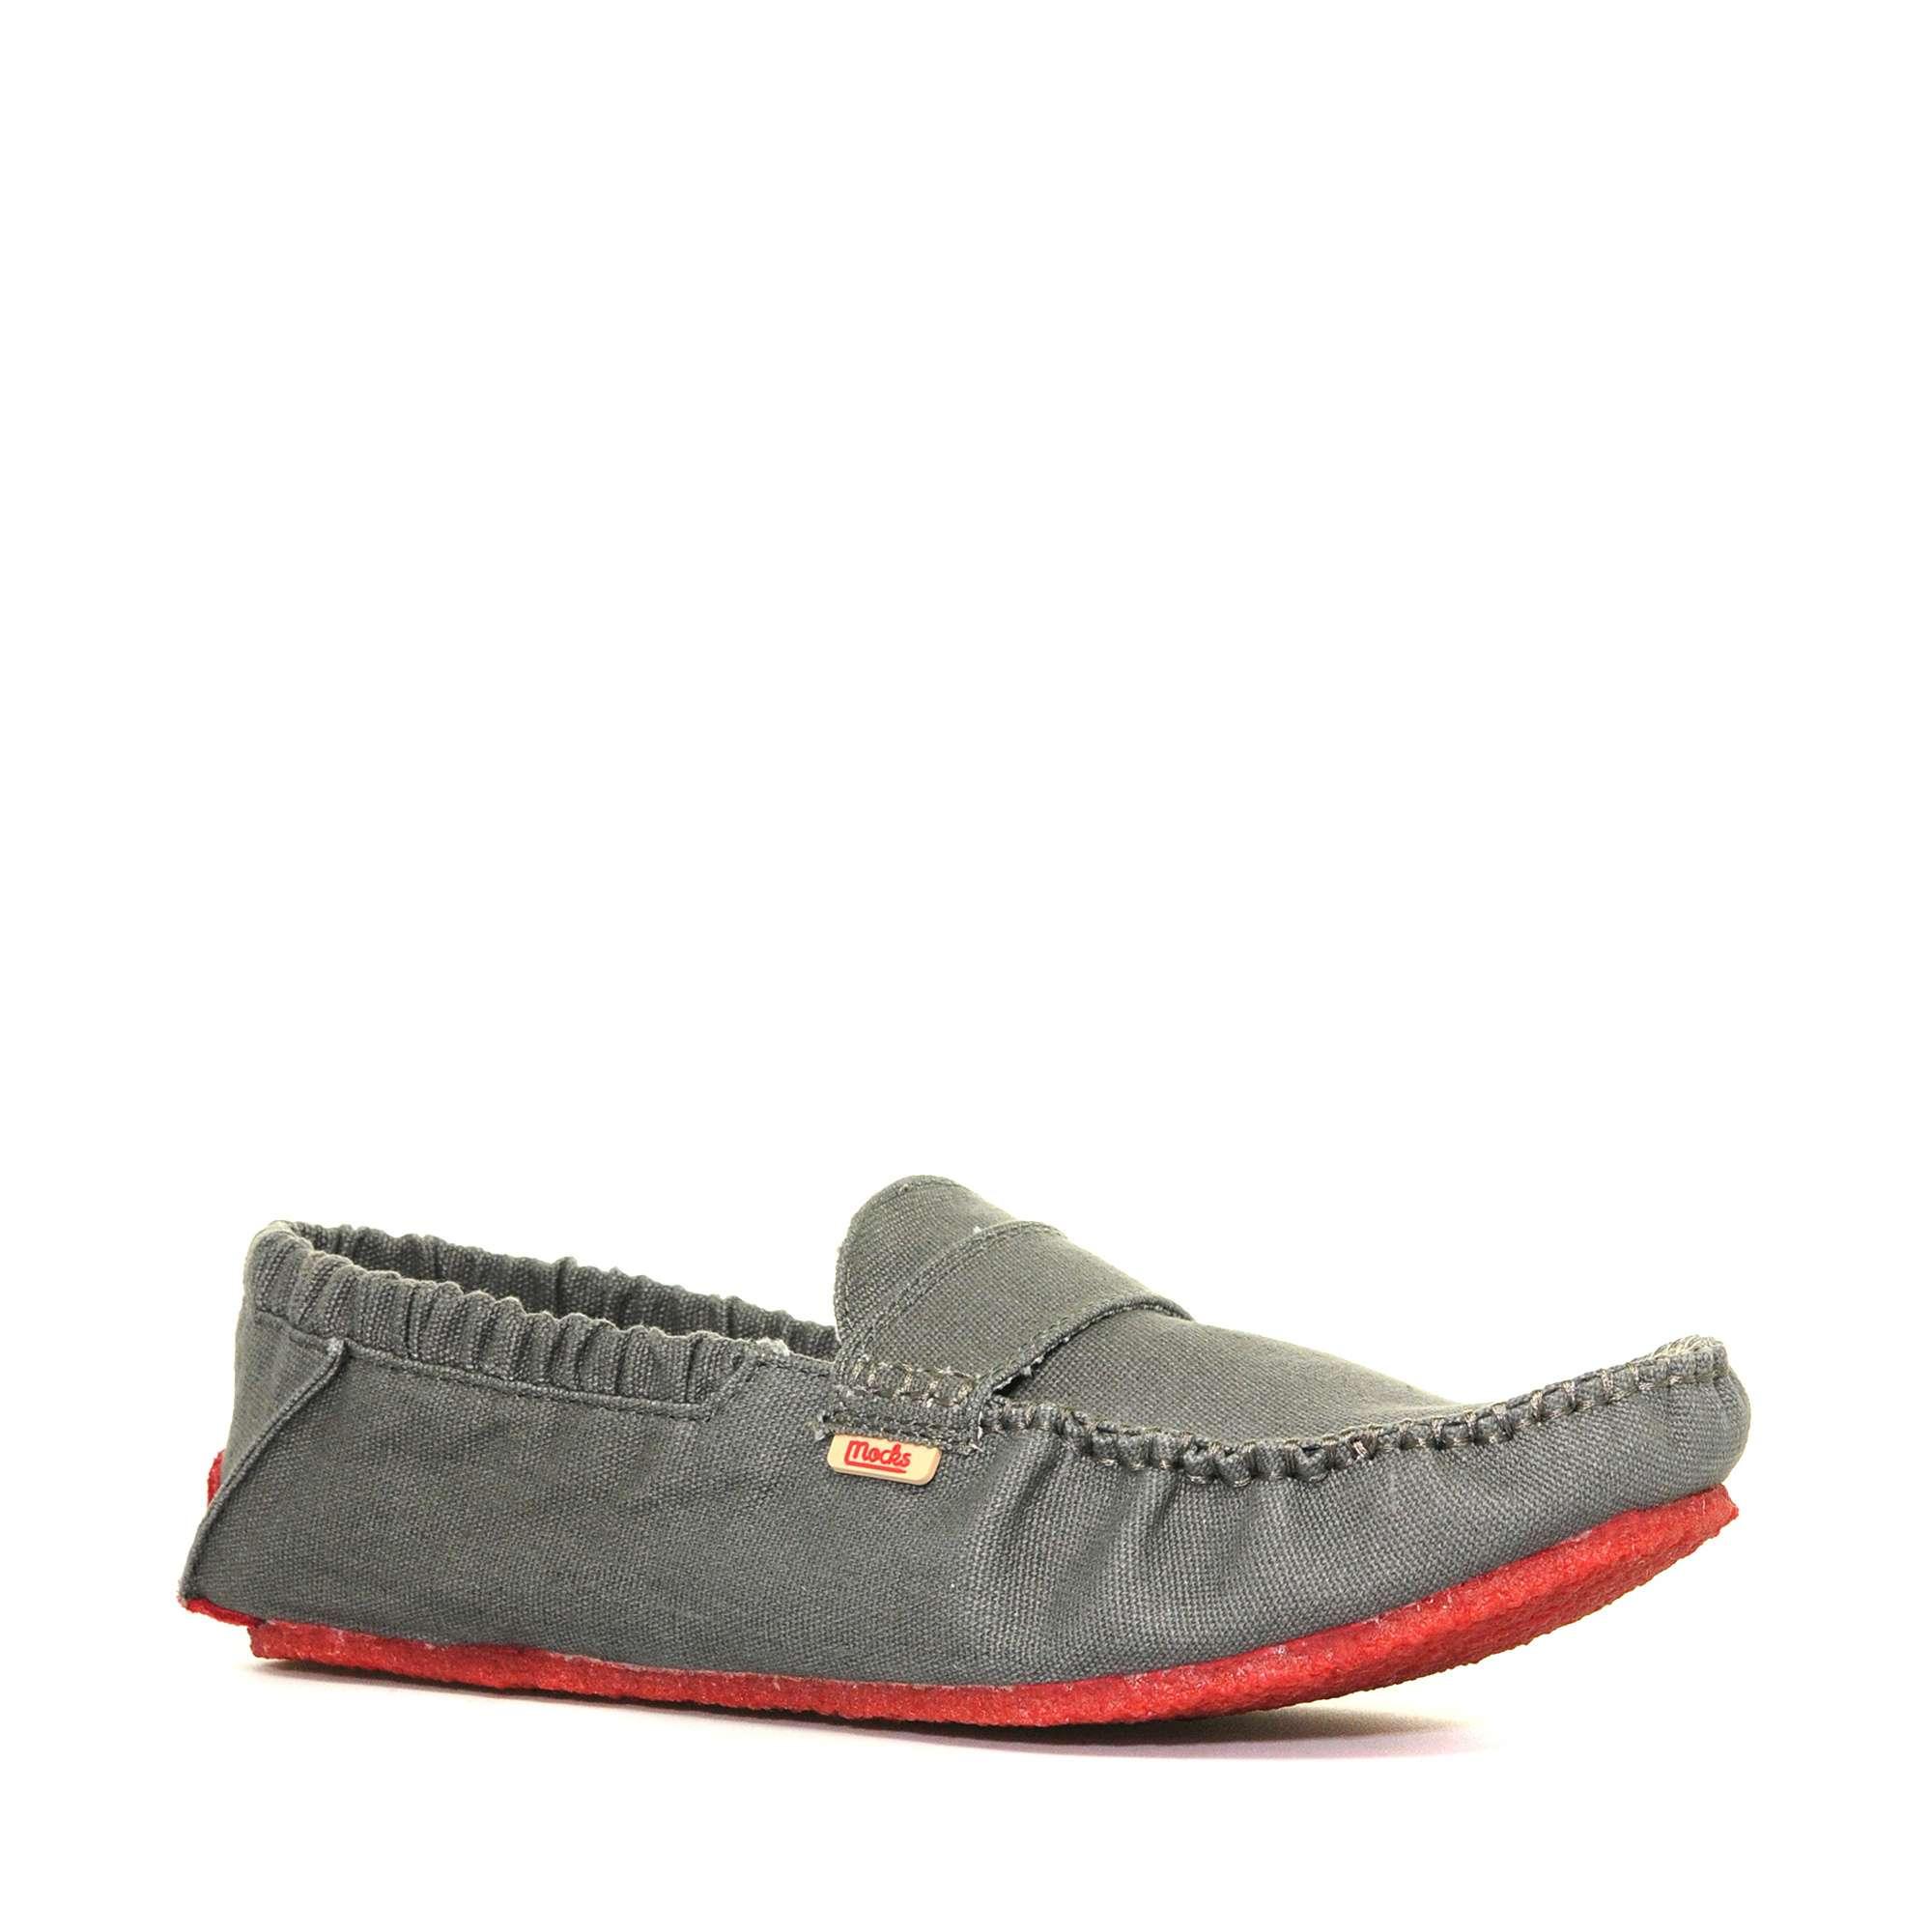 MOCKS Men's Classic Canvas Shoe